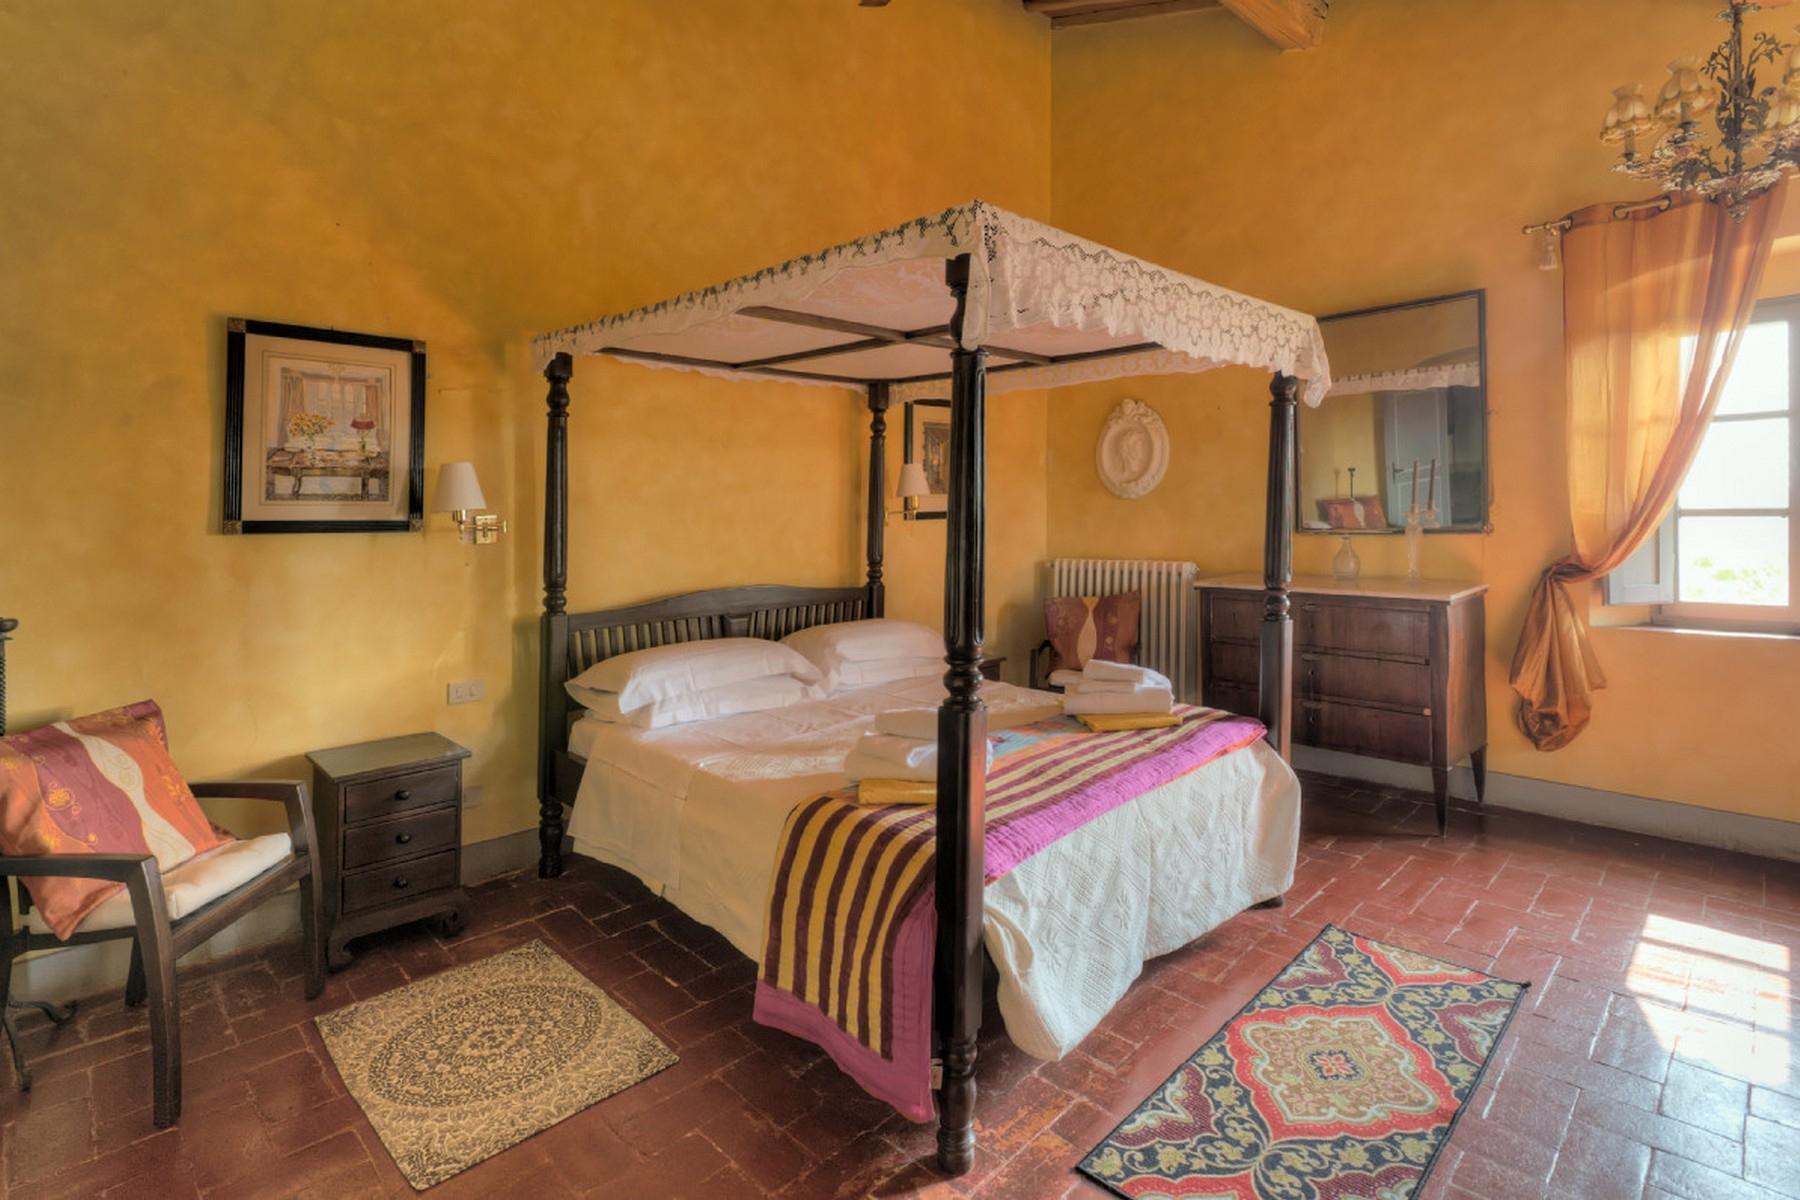 State-of-the-art rustic villa set in Florentine Chianti - 12